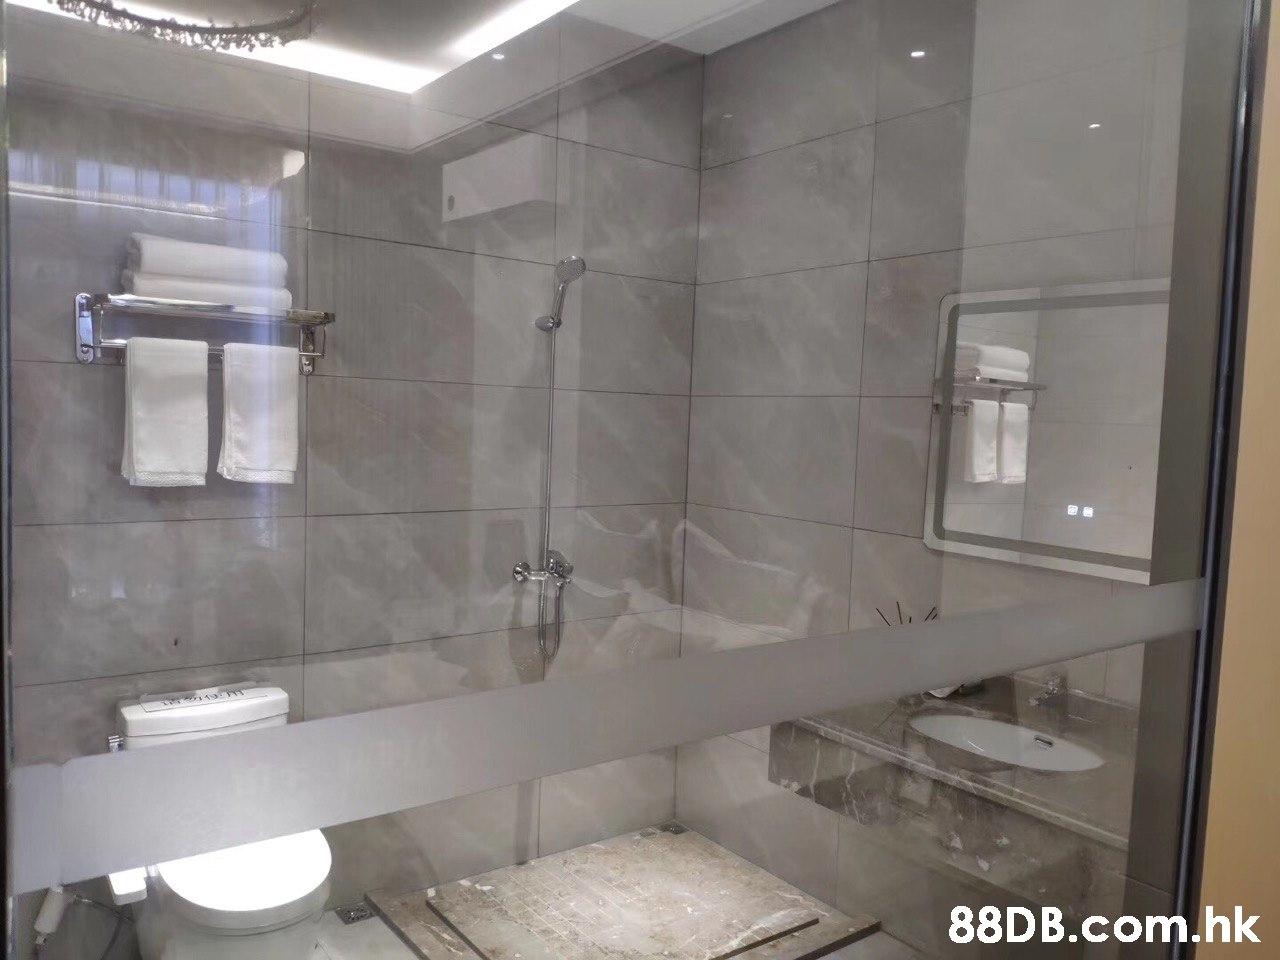 RAM .hk  Property,Bathroom,Room,Plumbing fixture,Interior design